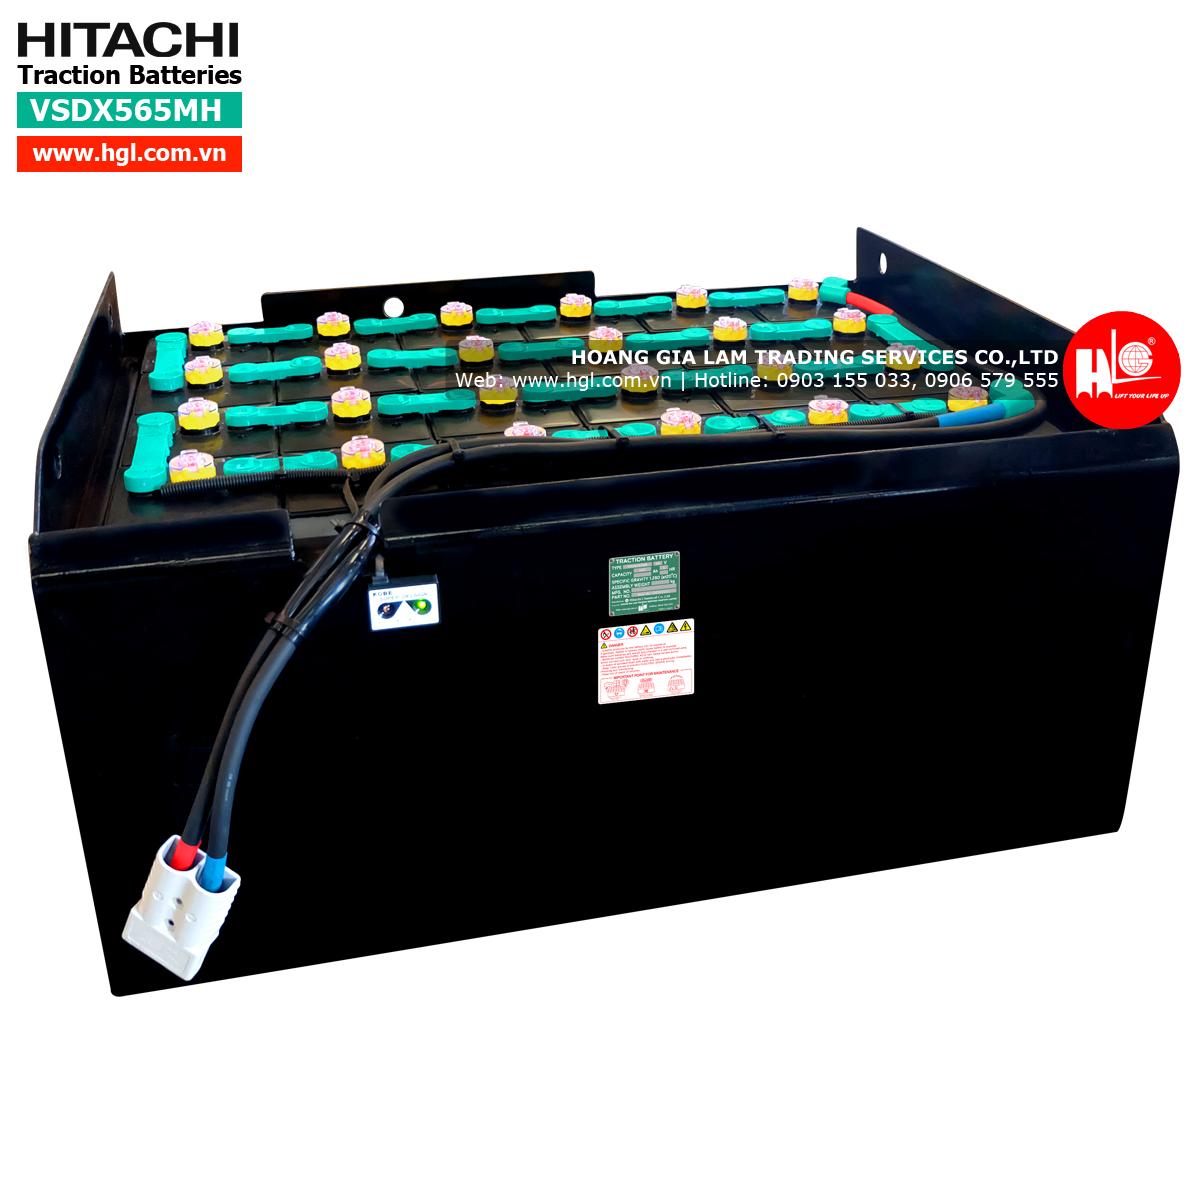 binh-dien-xe-nang-hitachi-565Ah-VSDX565MH-1